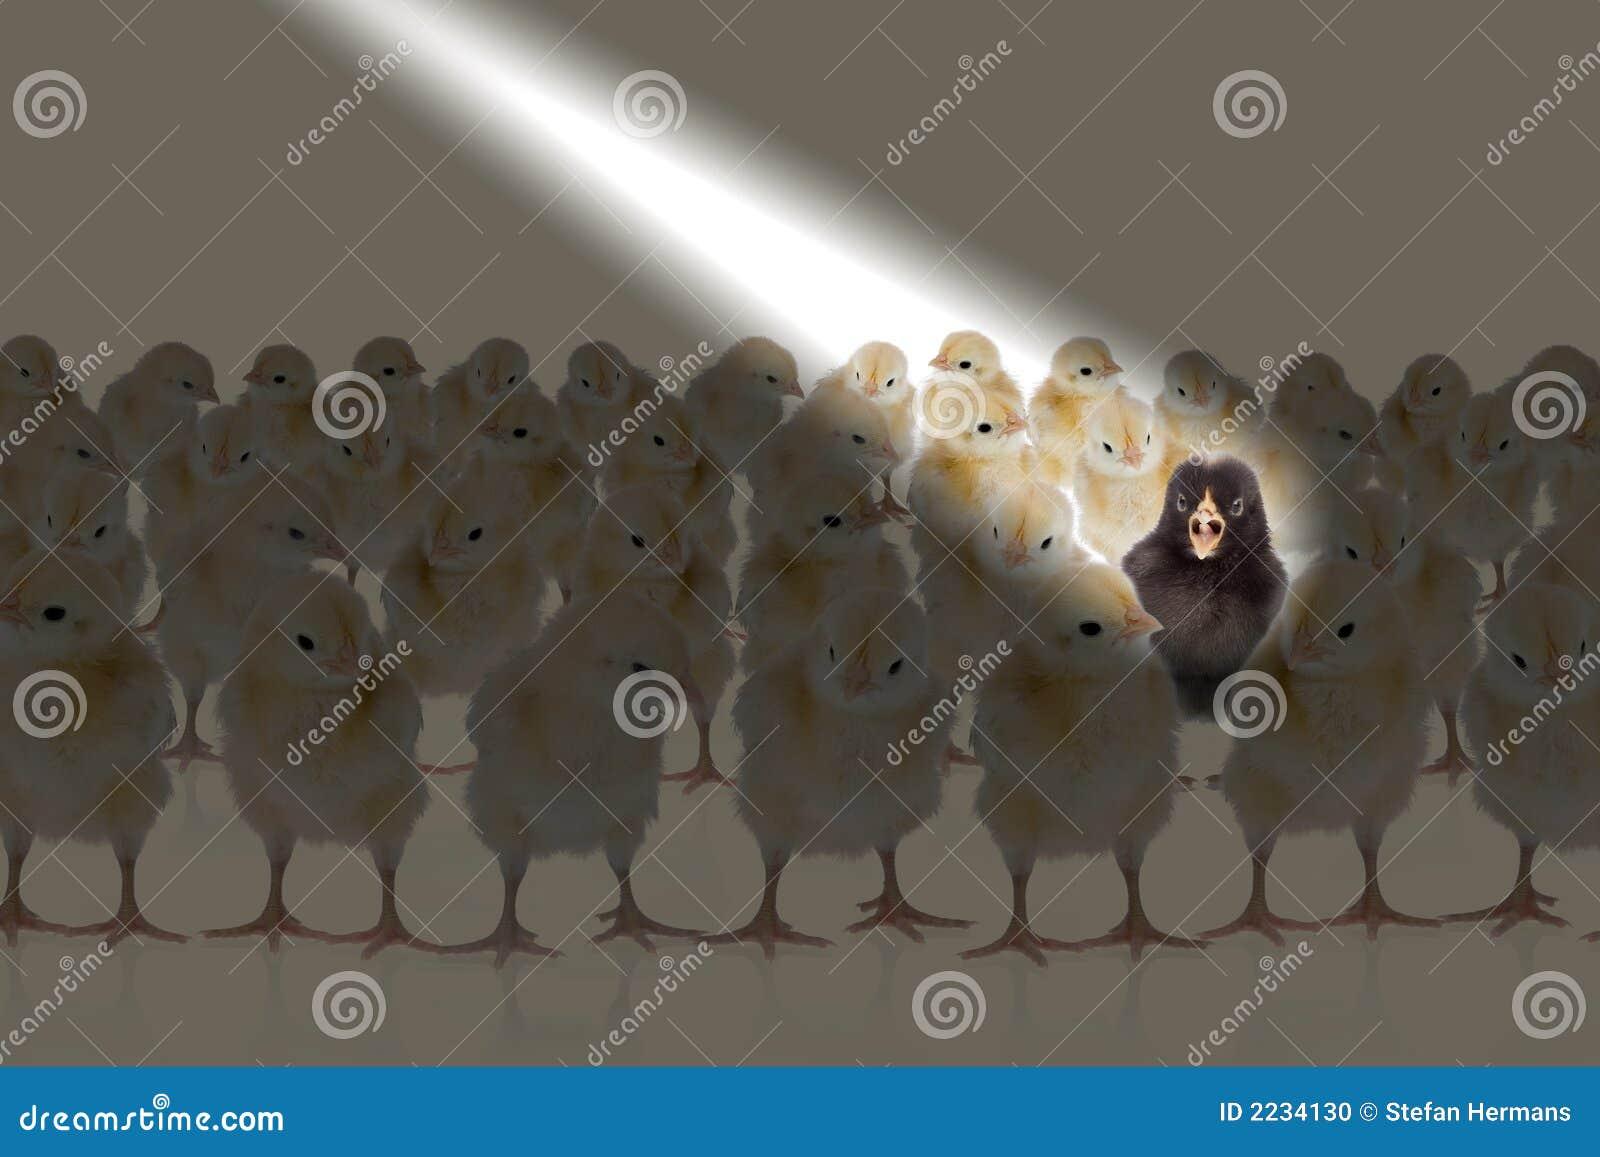 Chicken in the spotlight